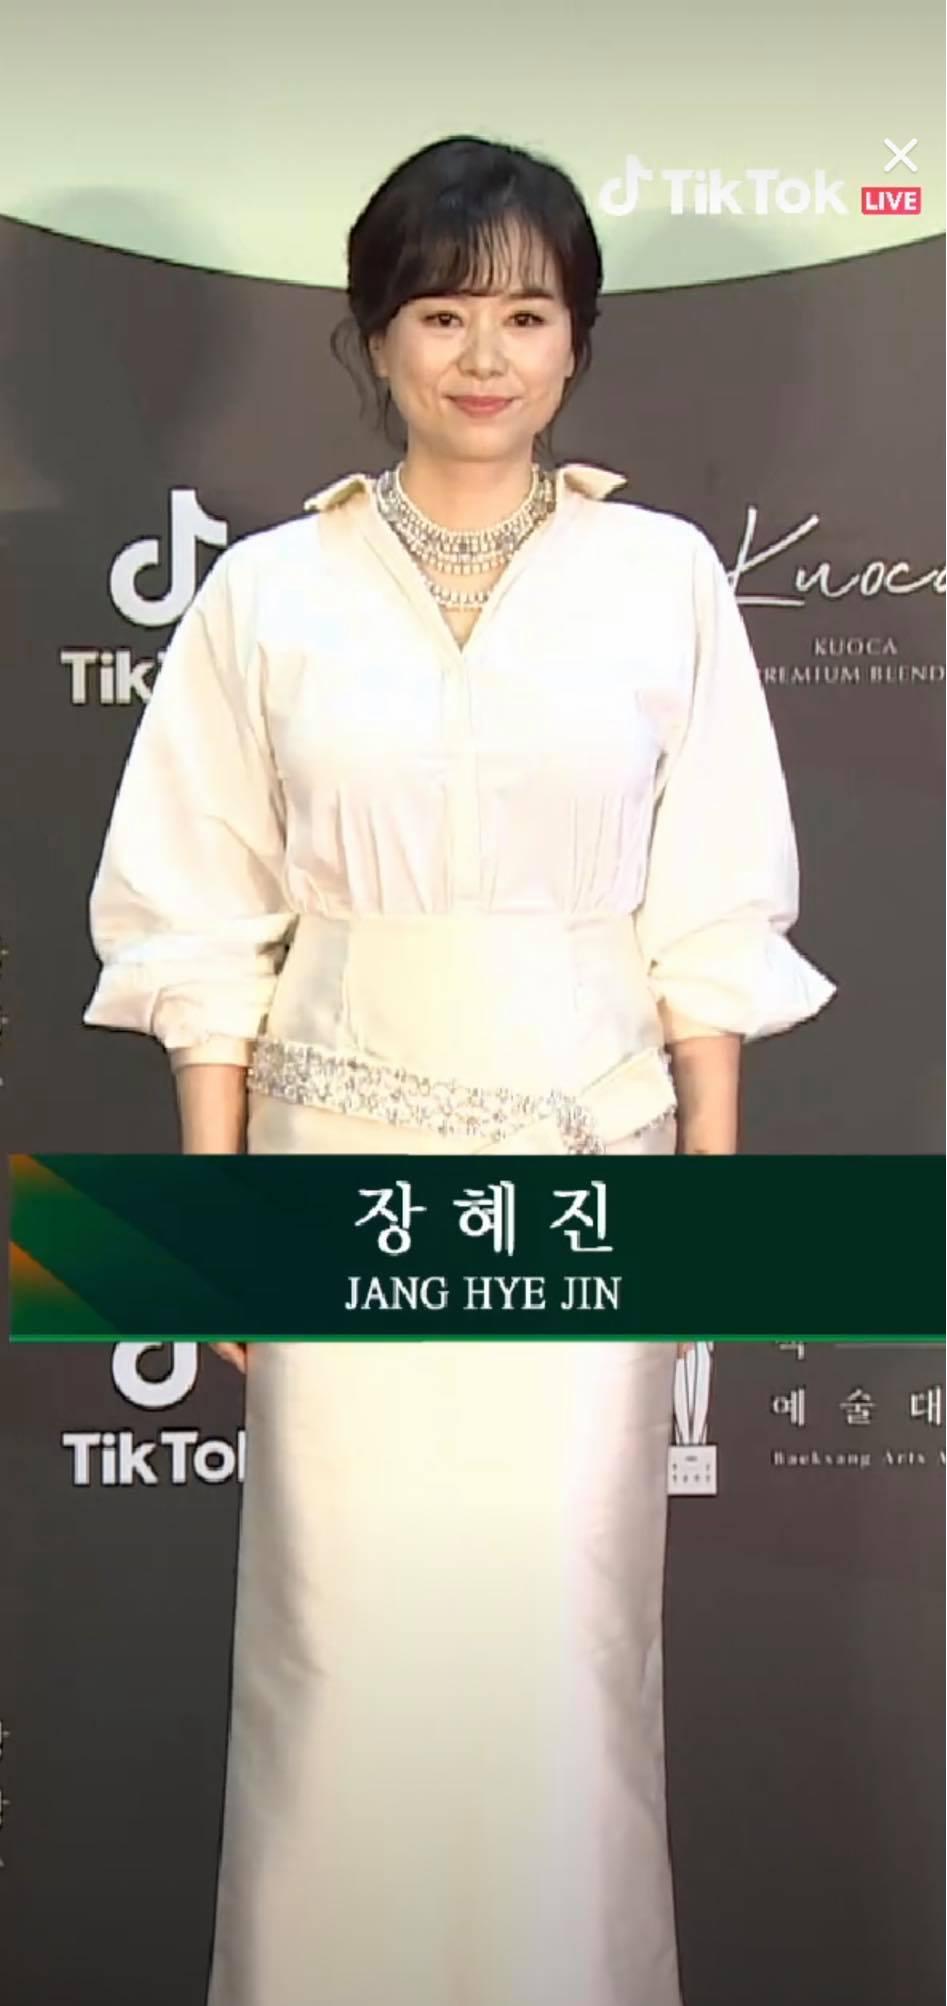 Dàn sao Ký sinh trùng hội tụ thảm đỏ: Park Myung Hoon, Jung Ji So, Cho Yeo Jung, Park So Dam và Jang Hye Jin